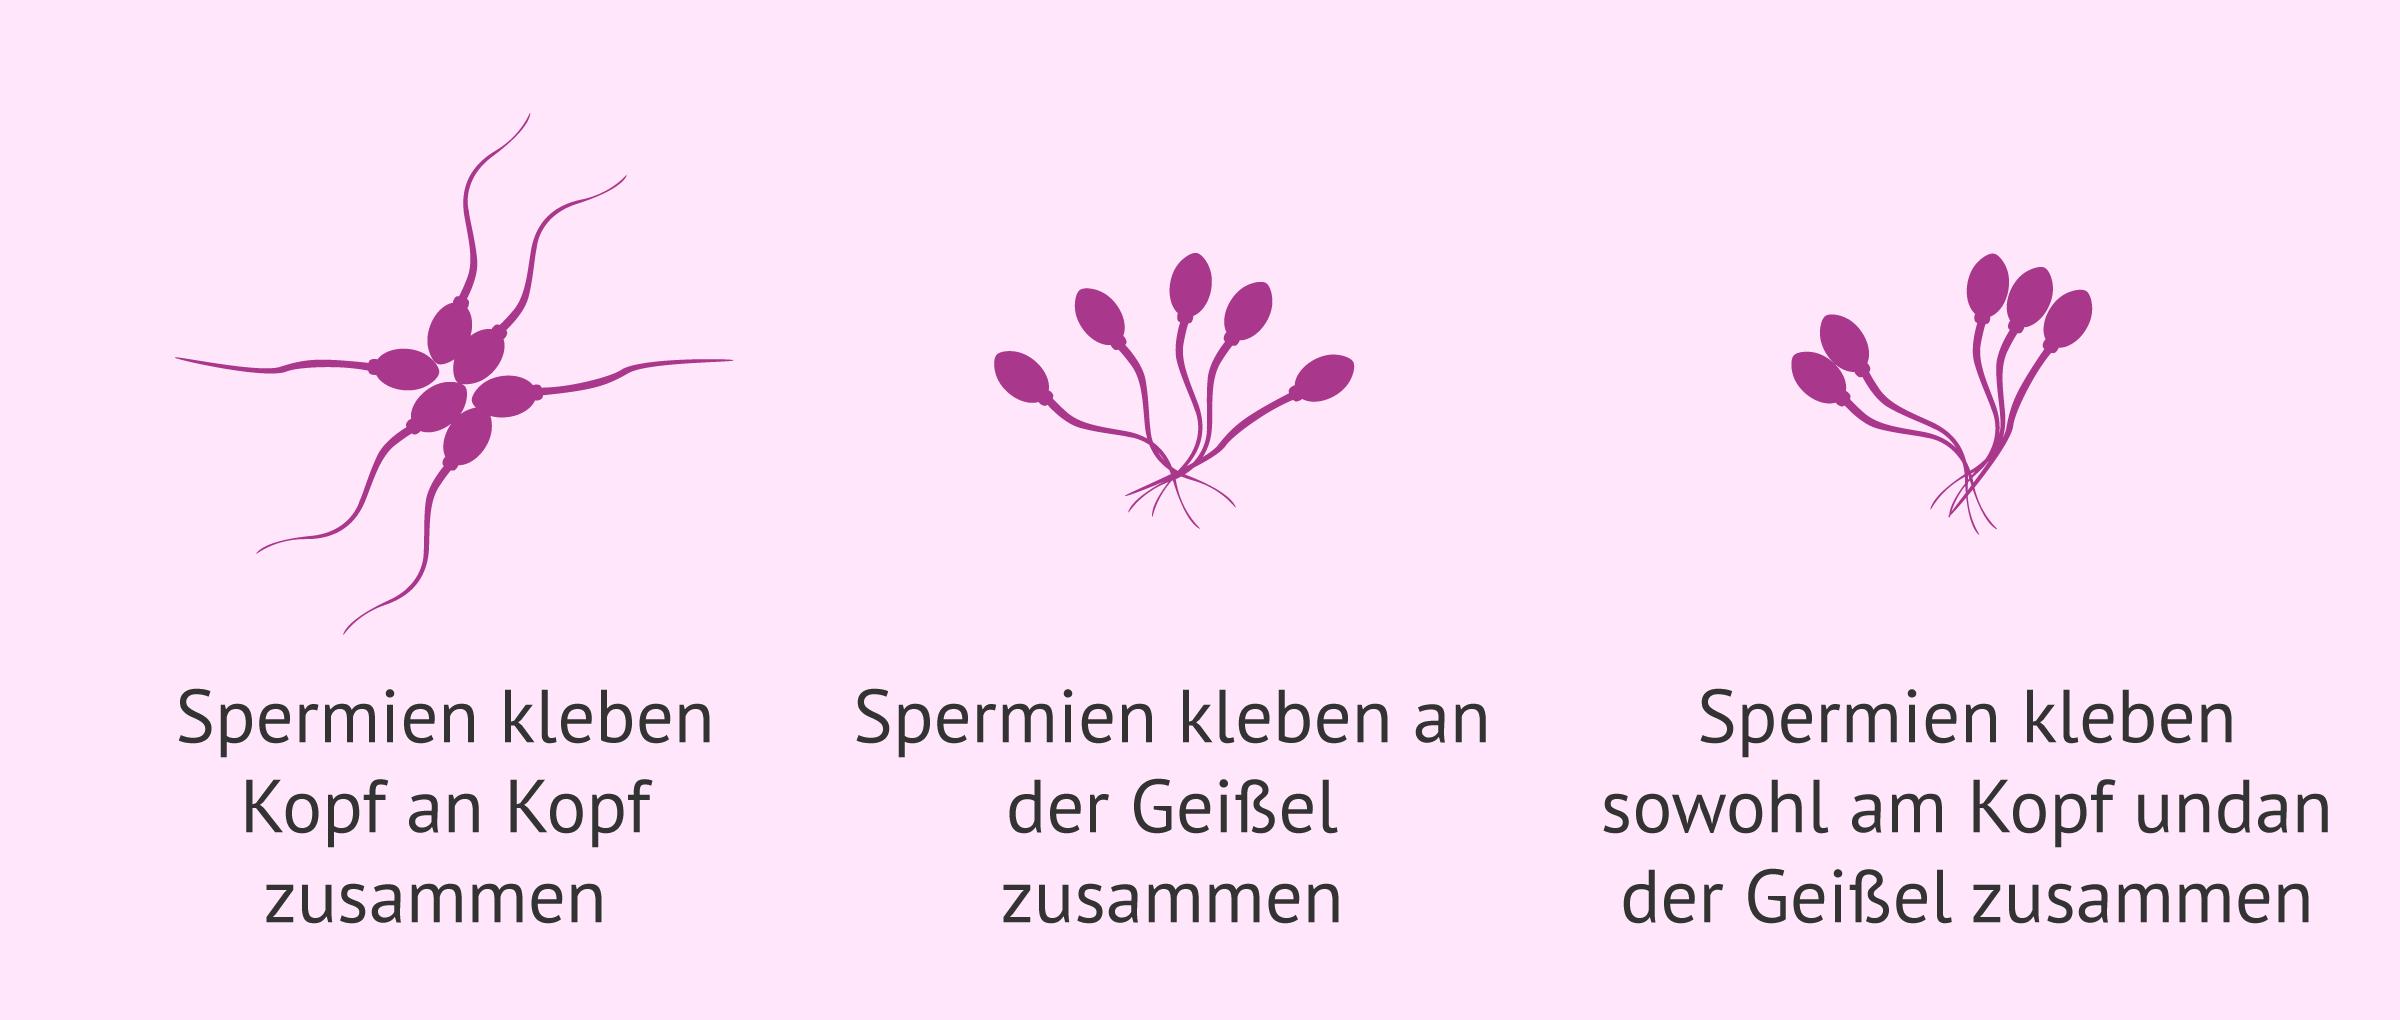 Zusammensetzungen bei Agglutination der Spermien